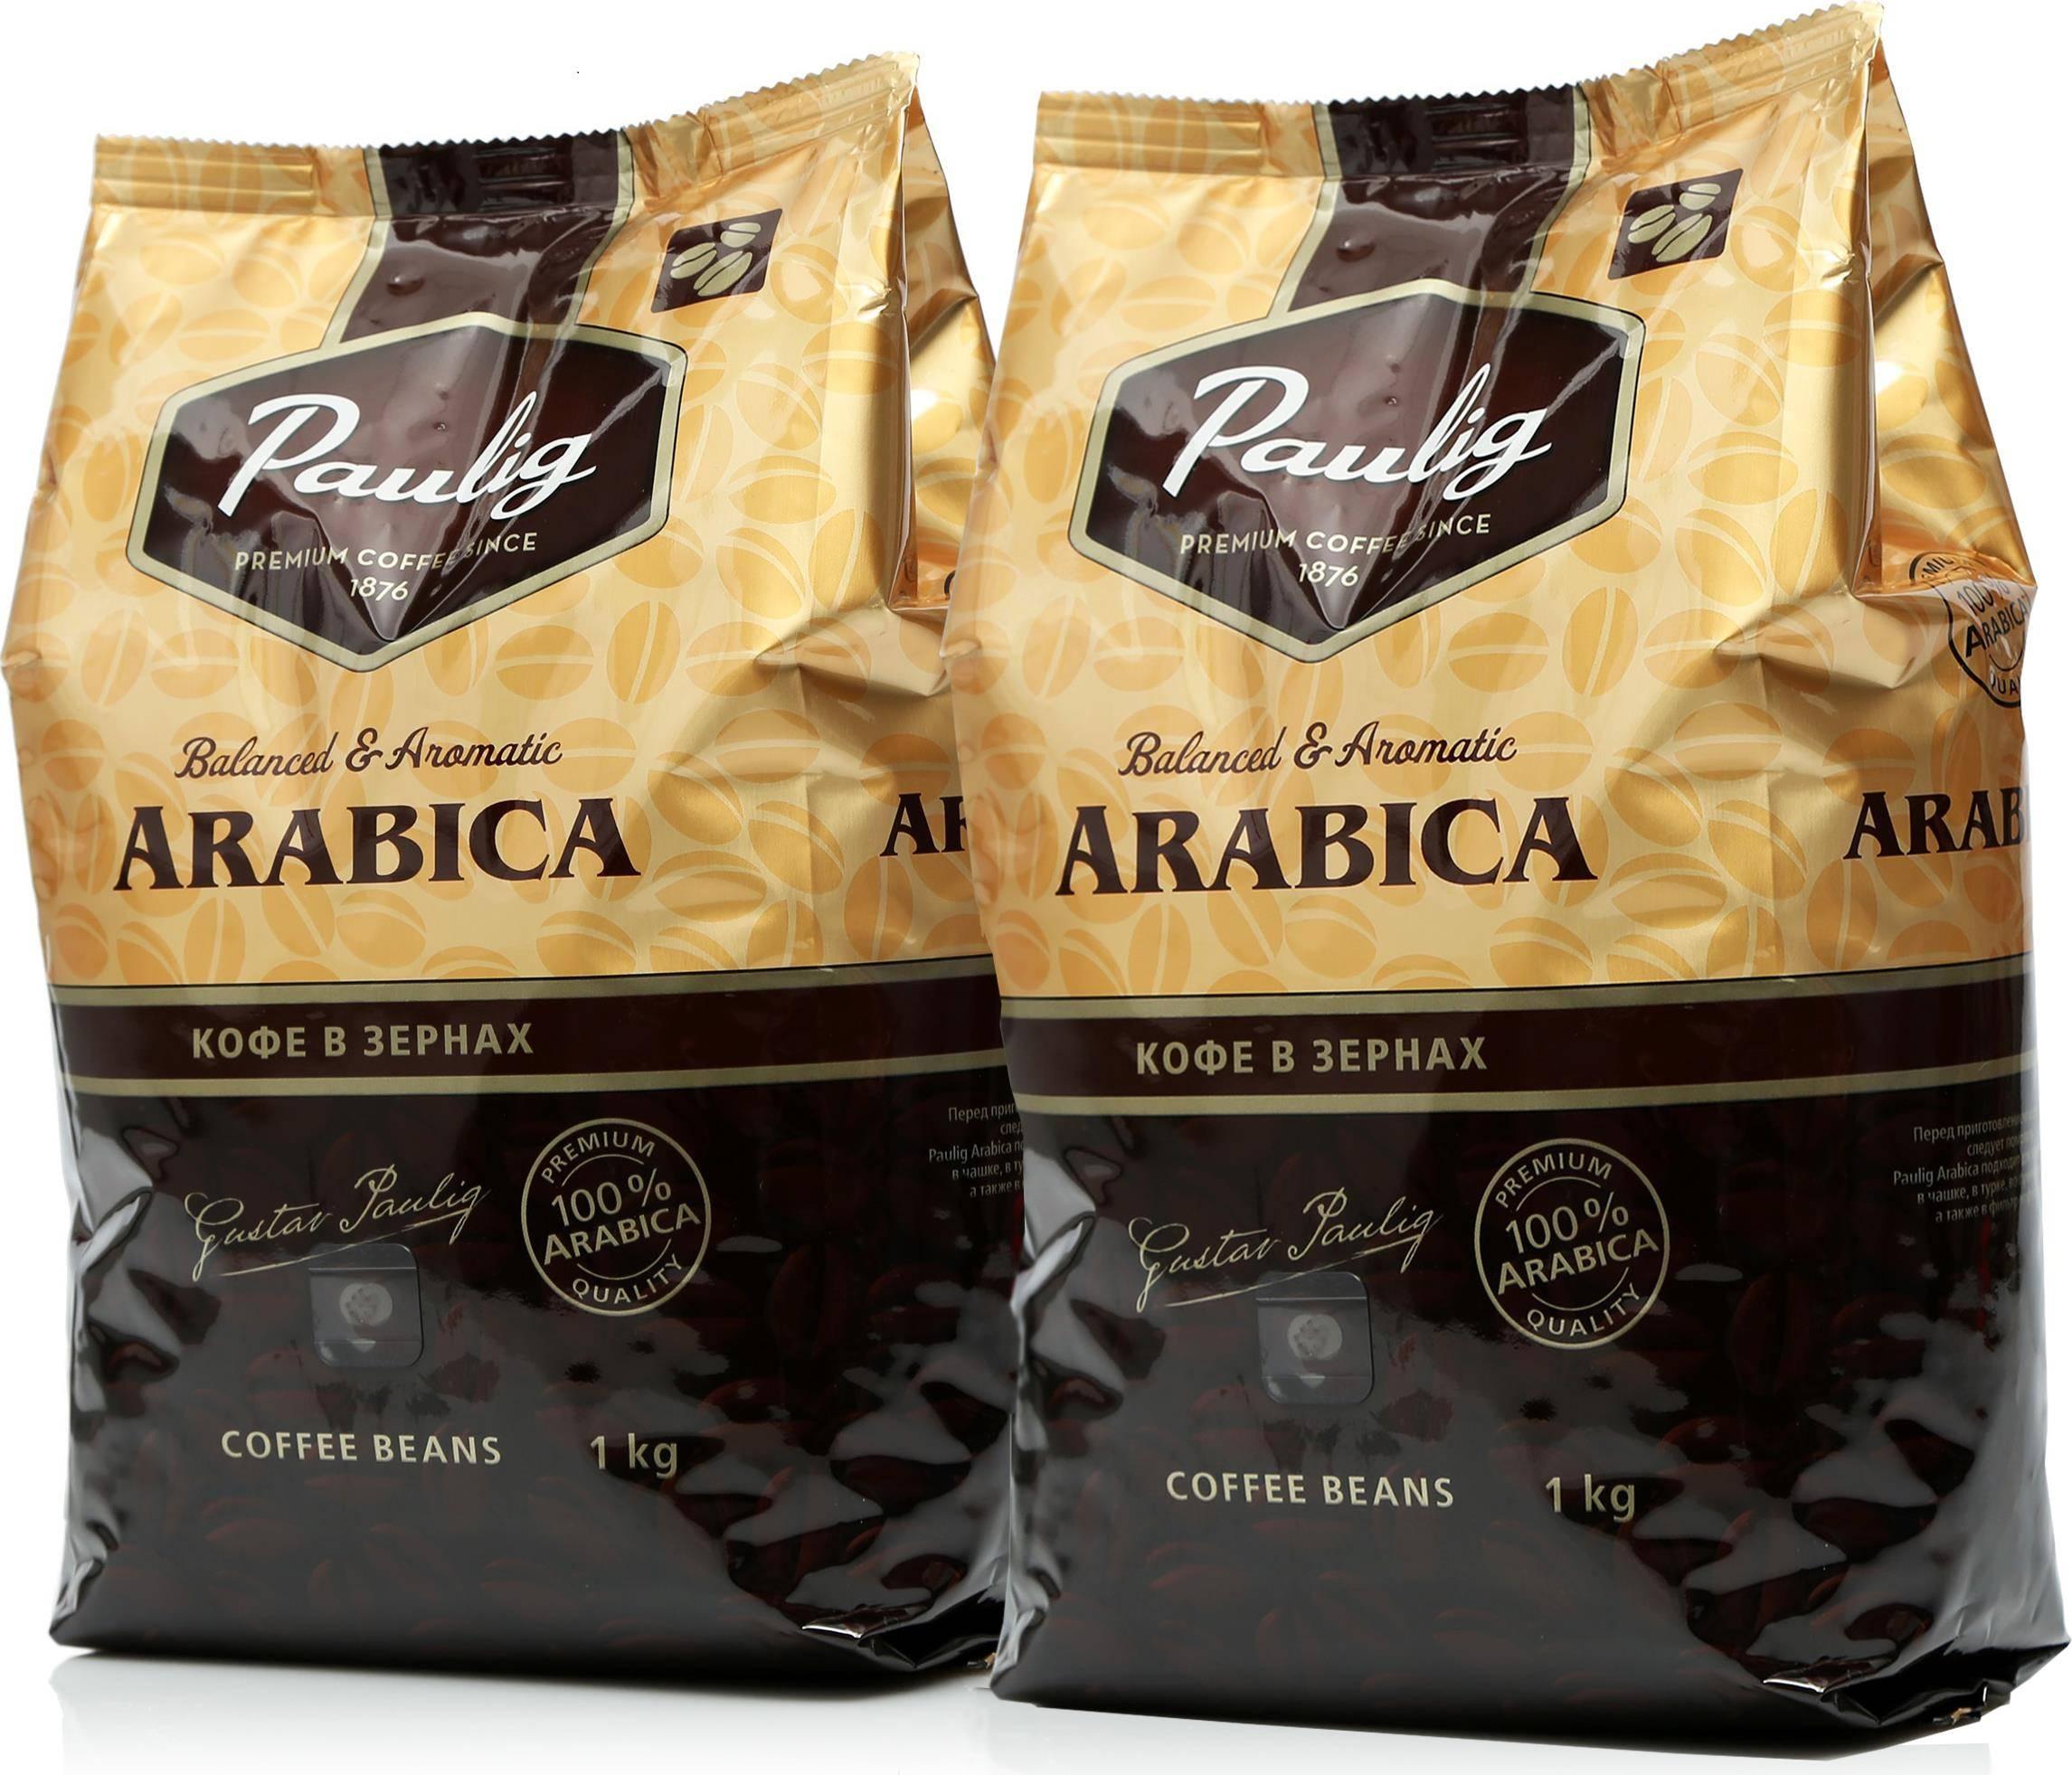 Кофе паулиг: ассортимент, цены, отзывы